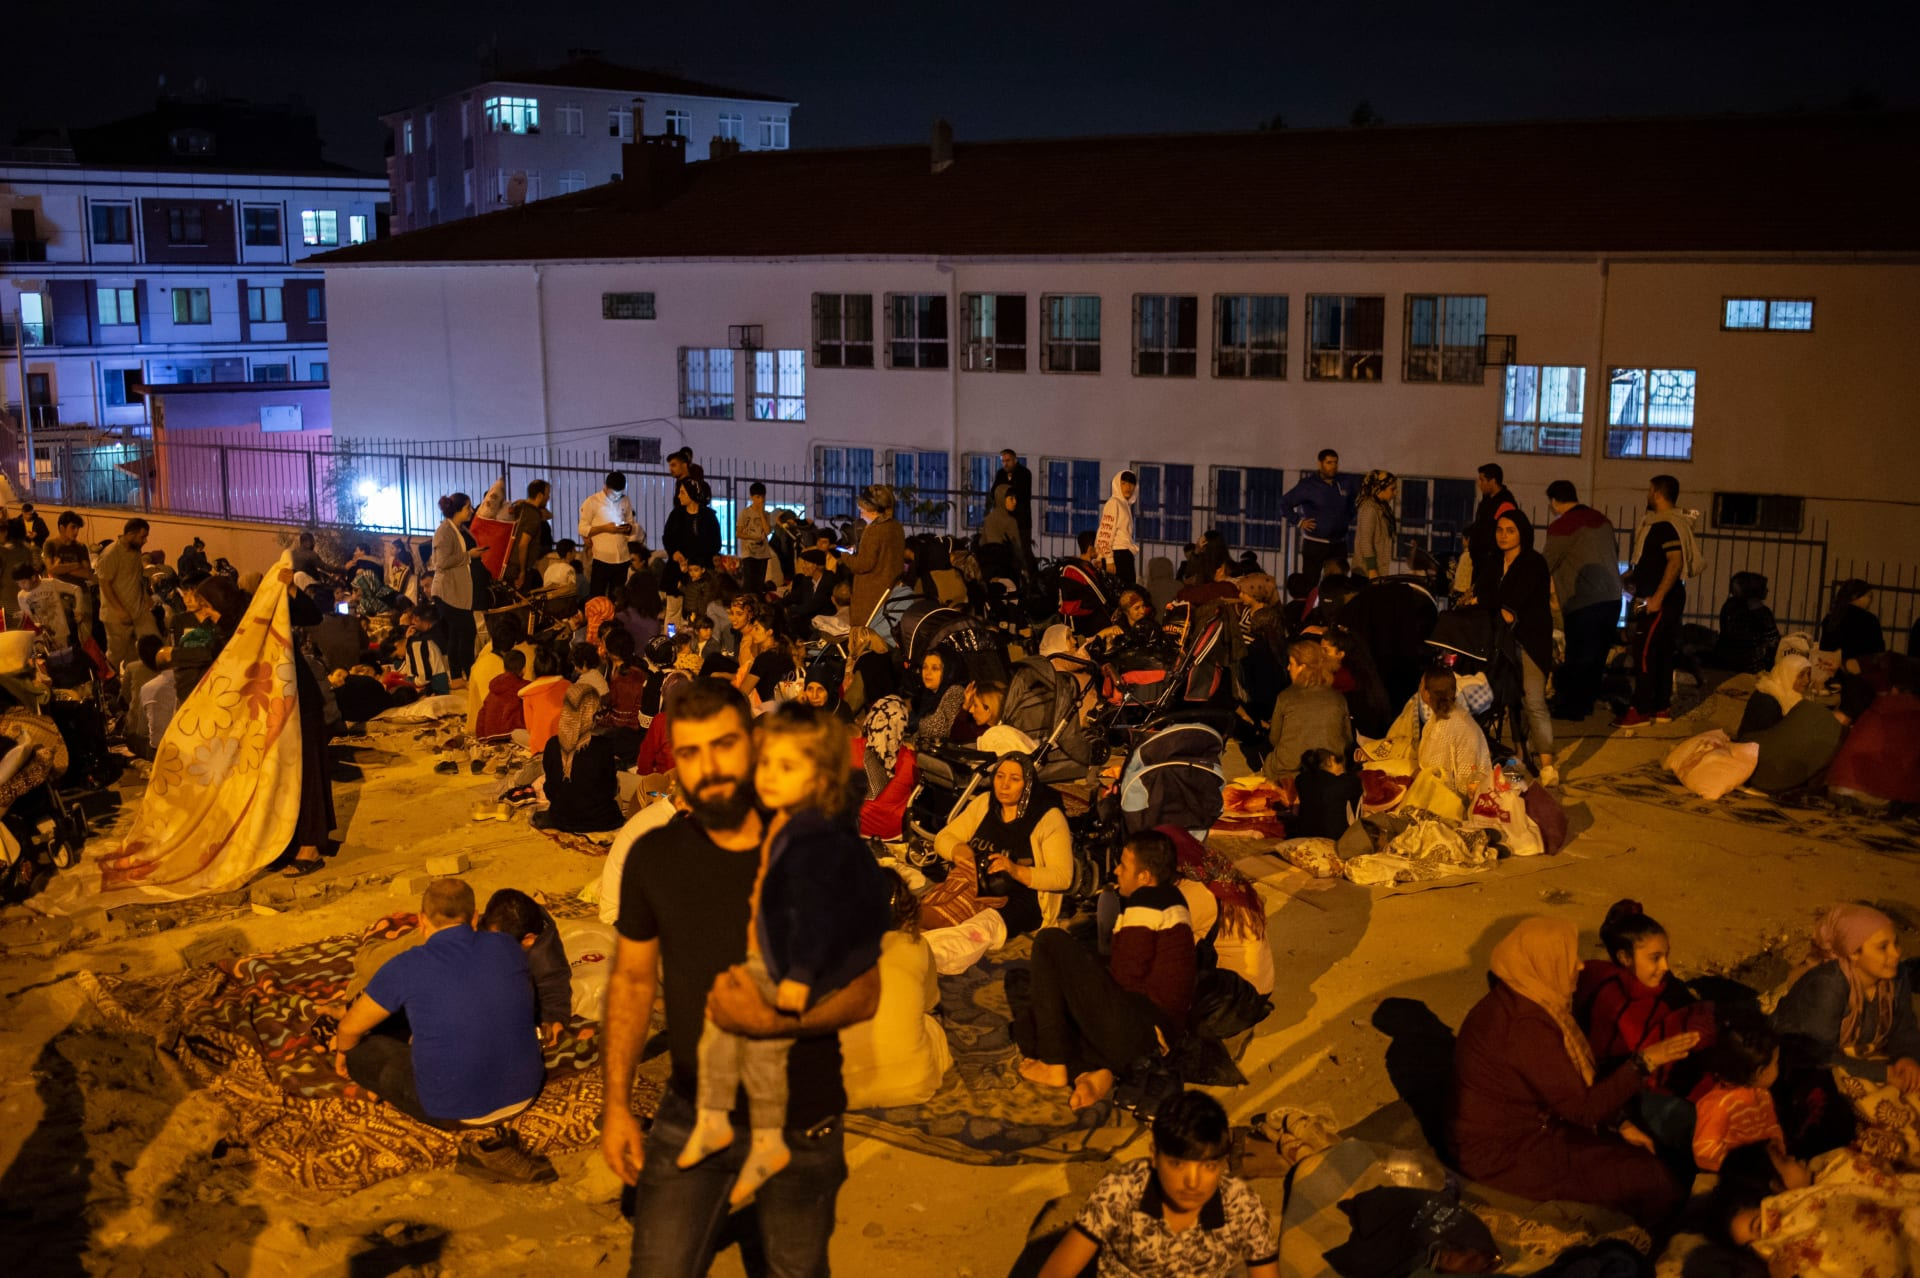 زلزال يضرب تركيا بقوة 6.7 ريختر.. وأتراك يتداولون مقاطع فيديو للحظات الأولى